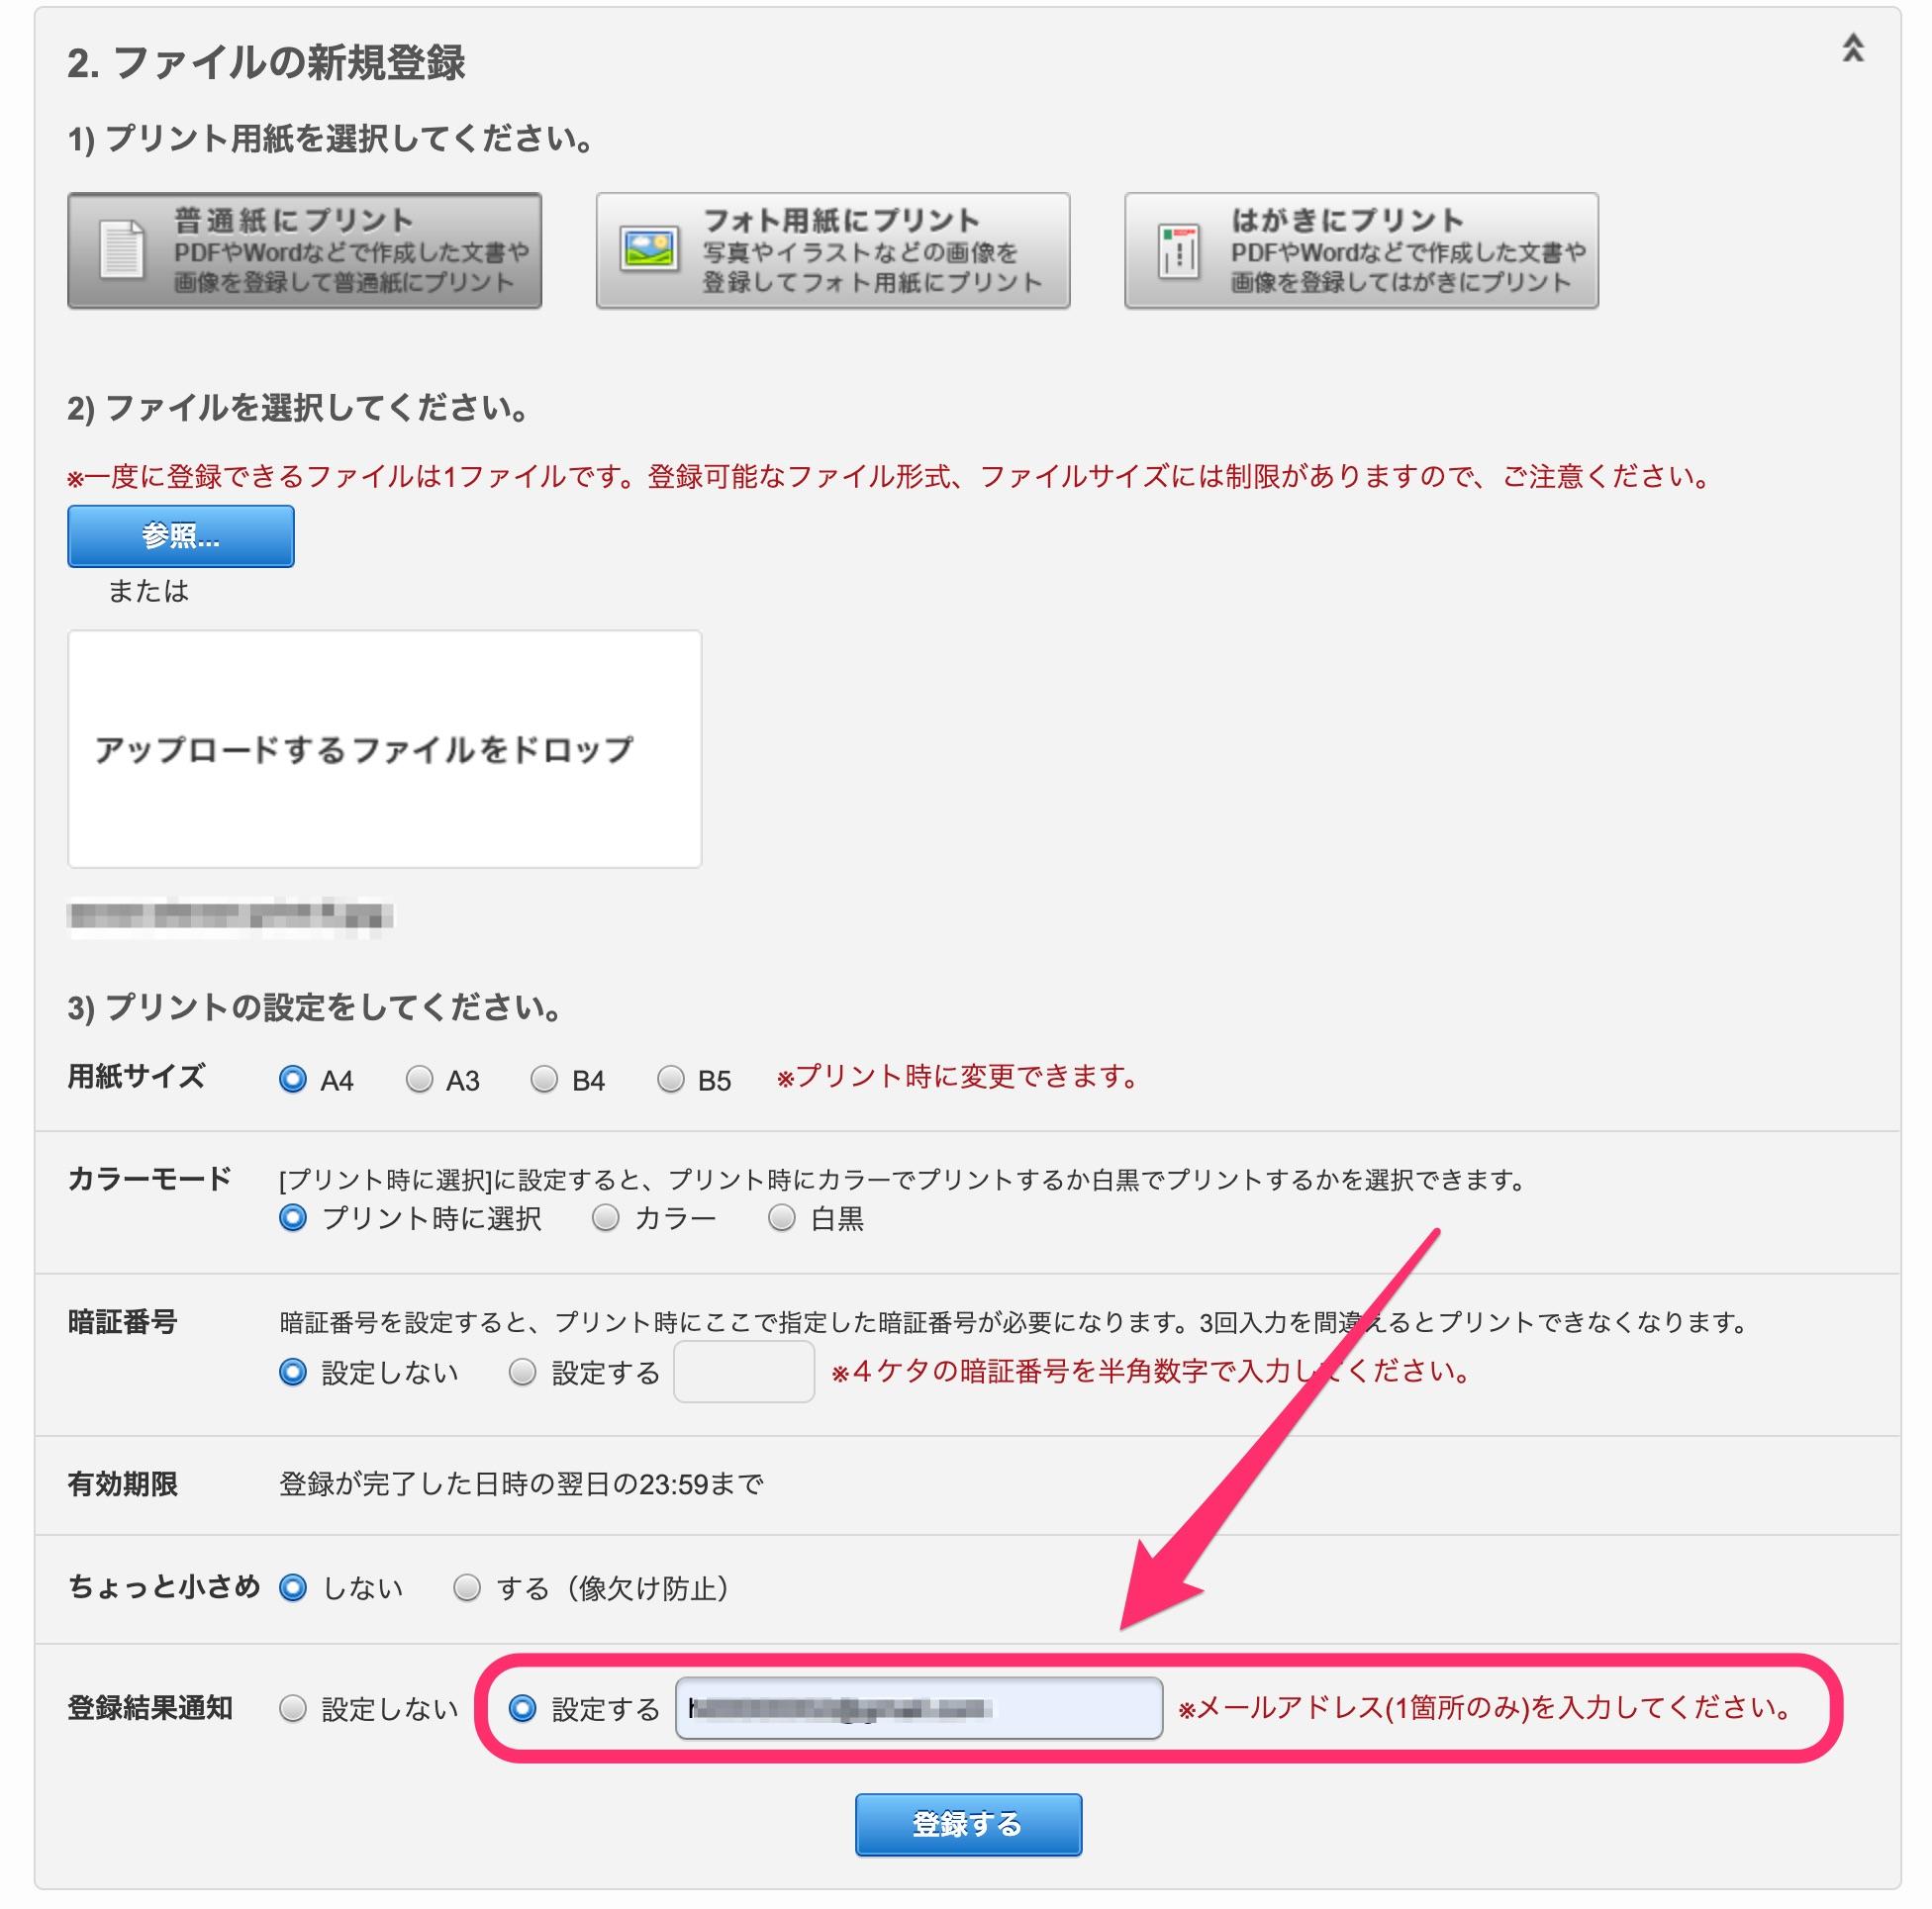 ファイルの新規登録